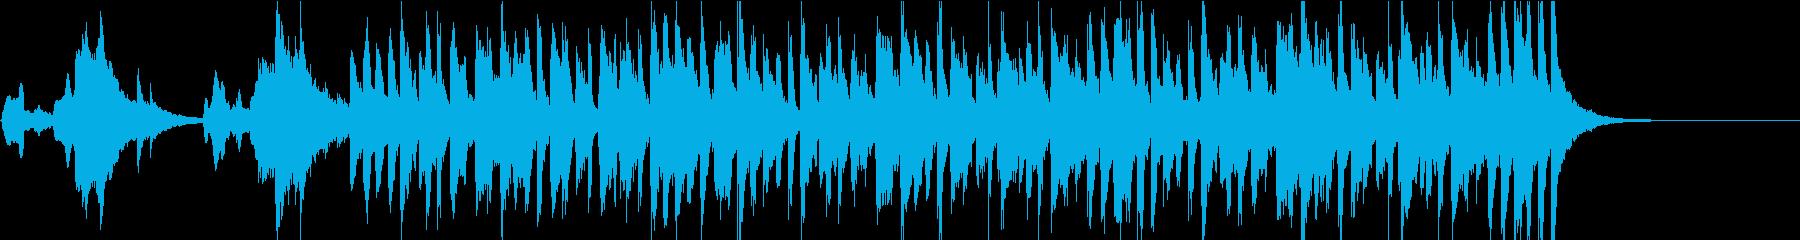 クラシック 交響曲 コーポレート ...の再生済みの波形